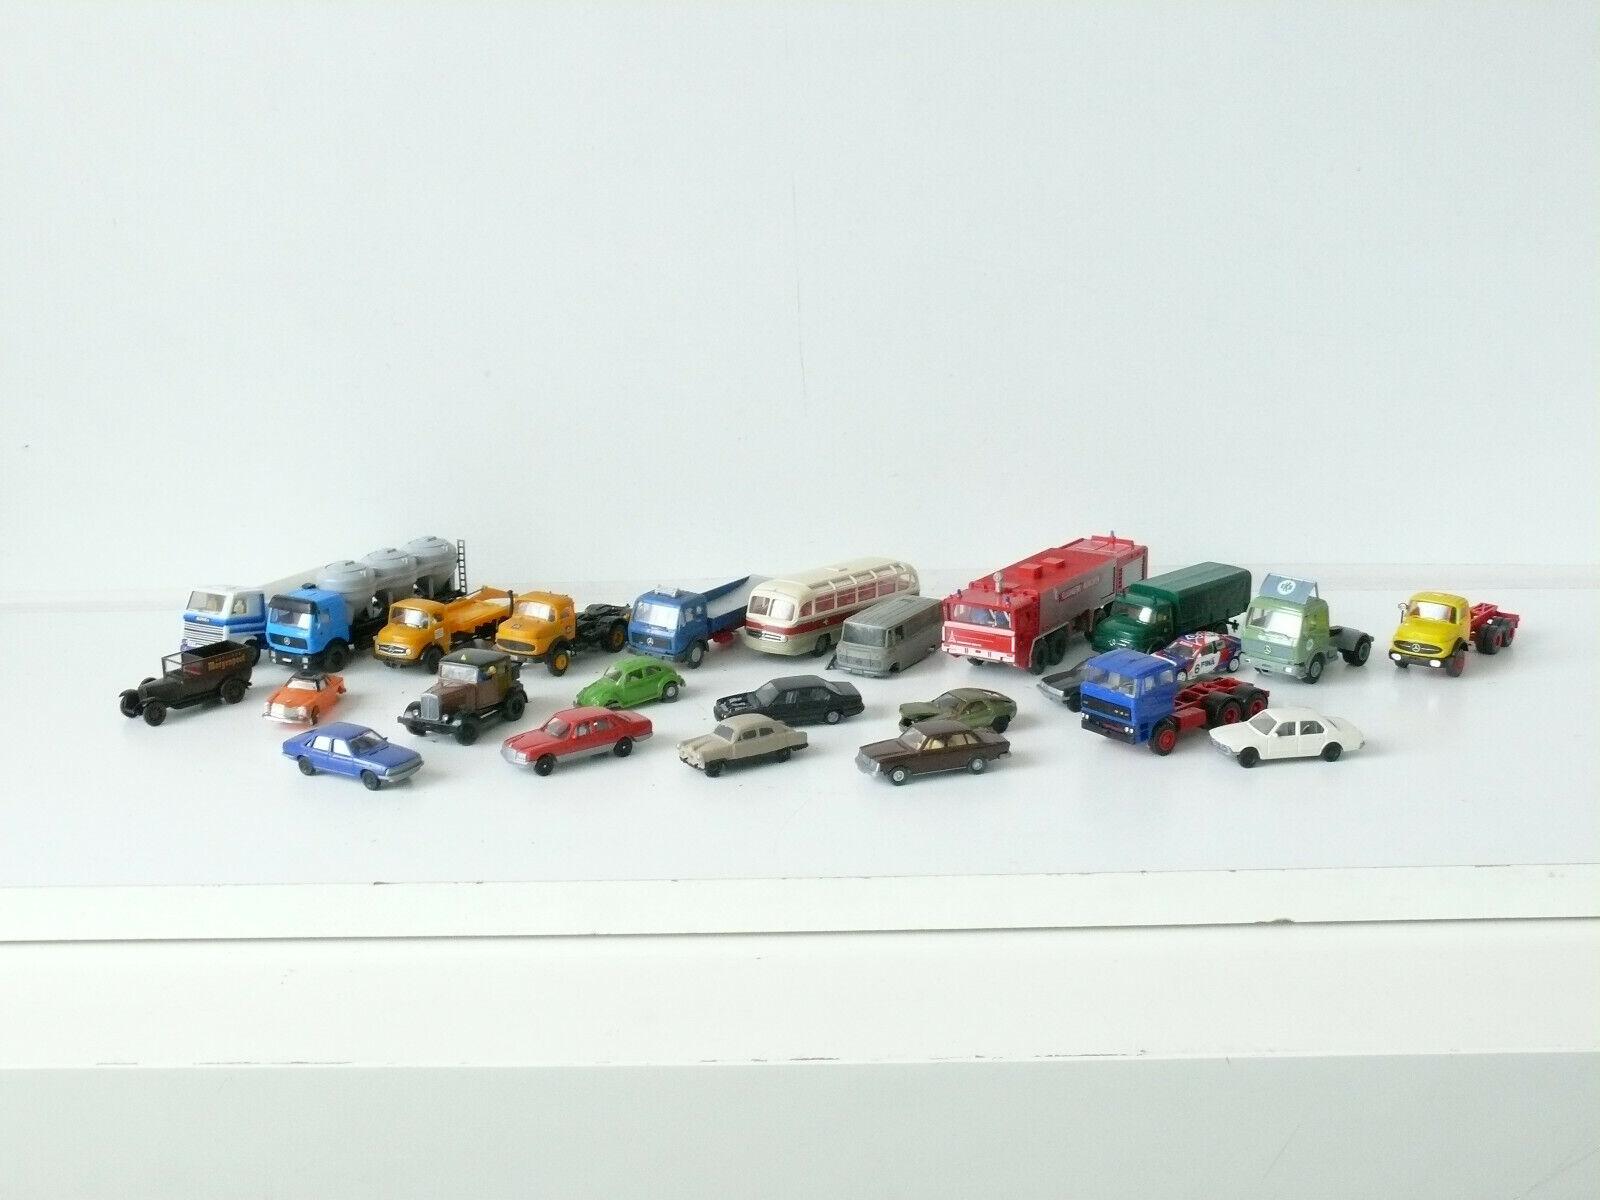 Camion Auto la raccolta h0, diversi produttori 25 veicoli-USATO (259)